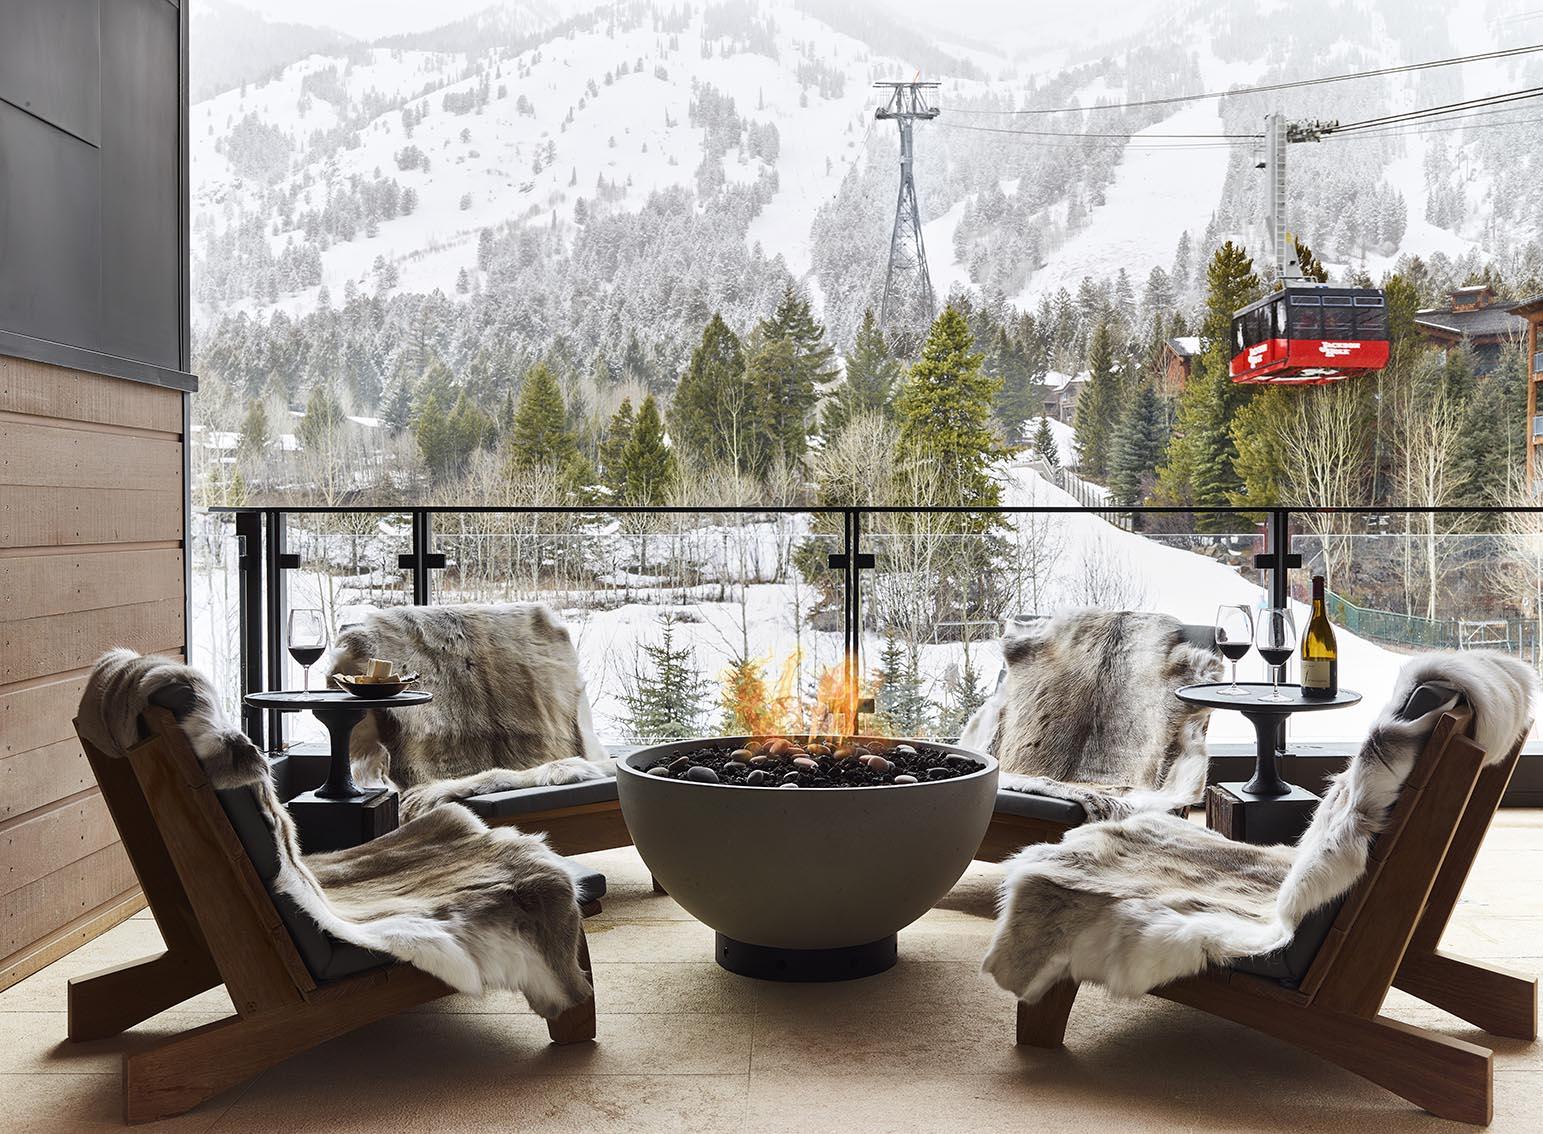 Que tal aproveitar a temporada de inverno em JacksonHole? Confira as novidades